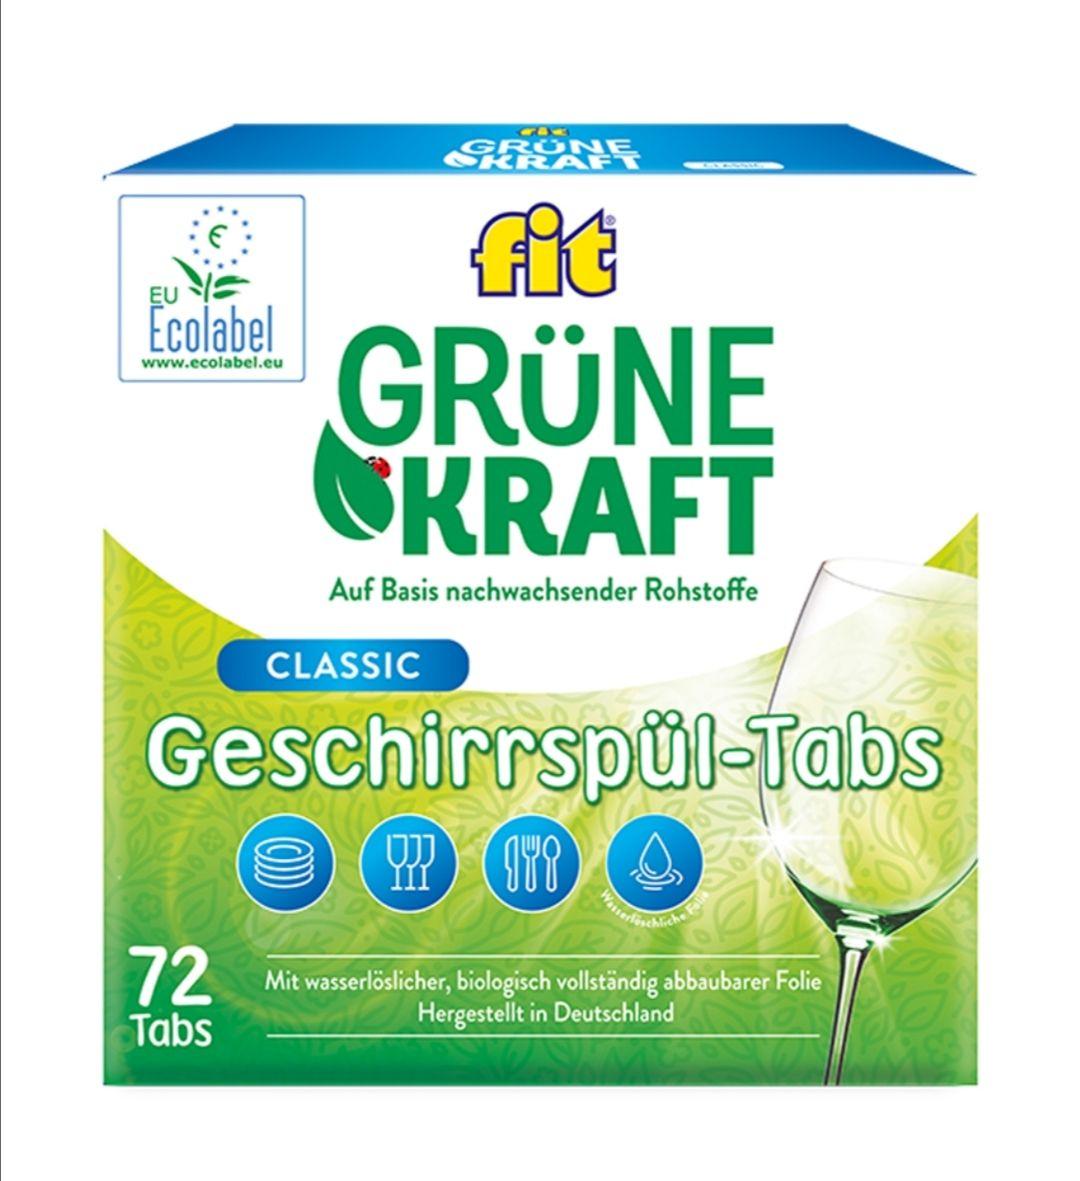 fit Grüne Kraft Classic Tabs